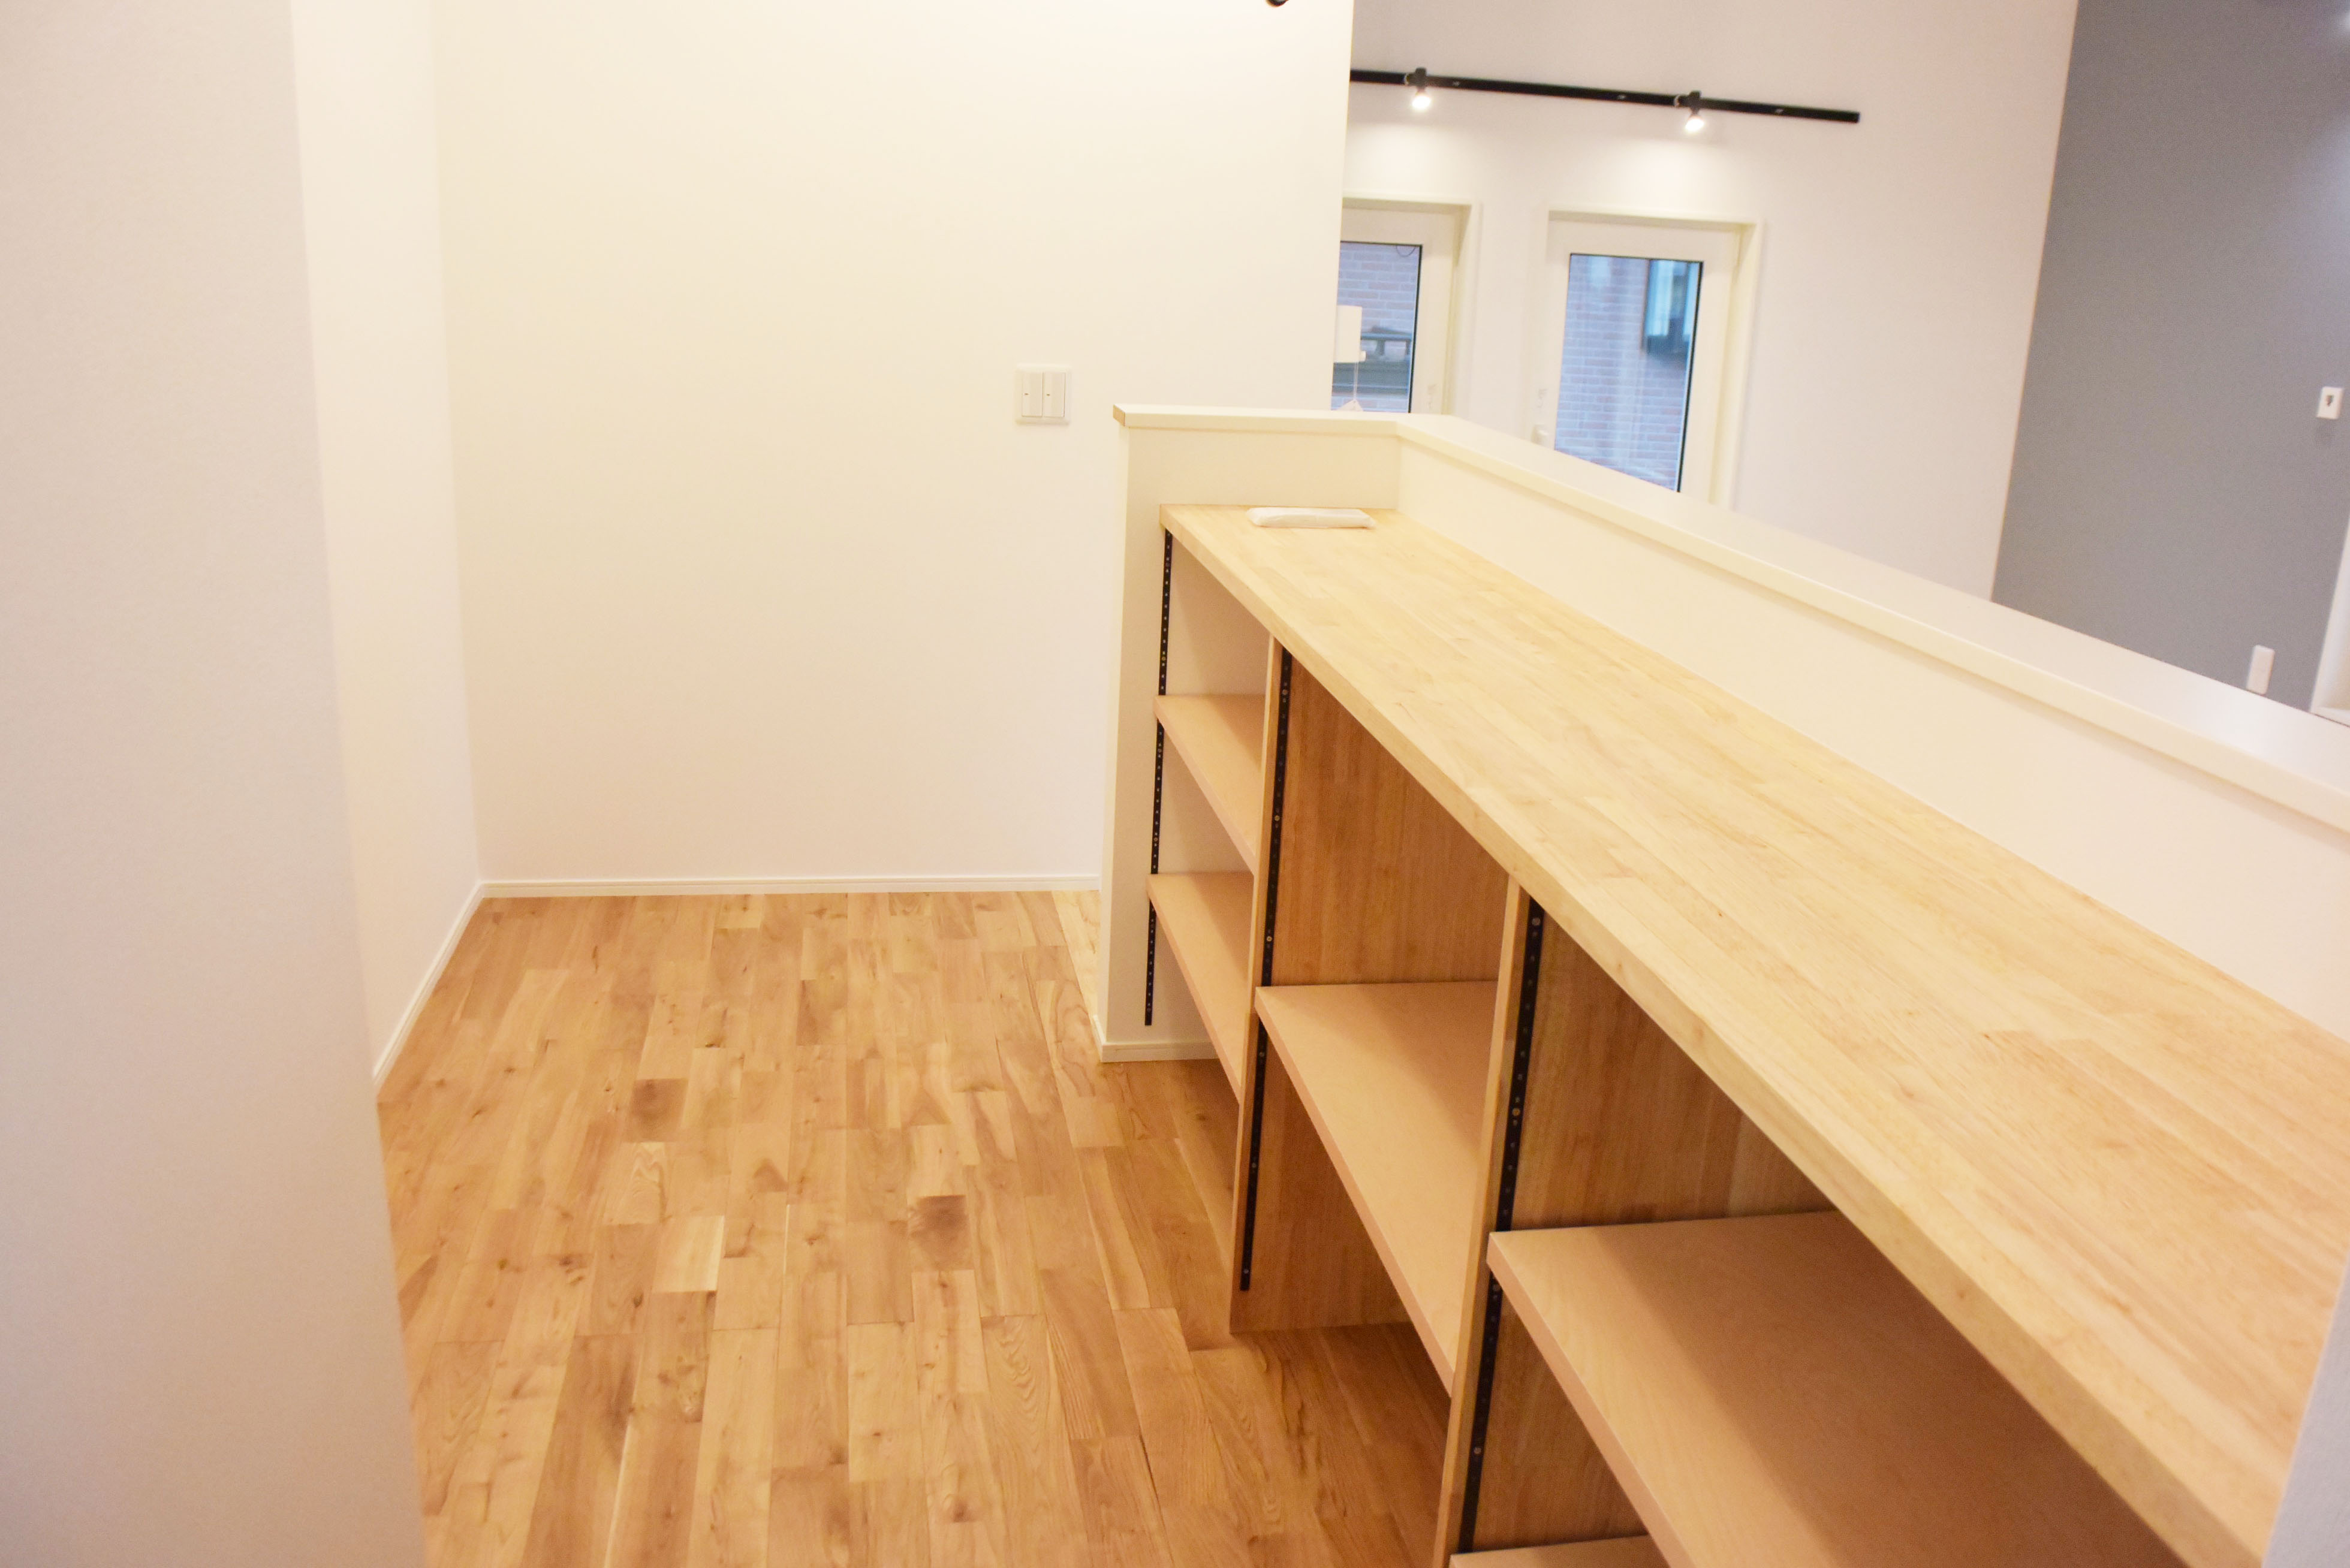 二階廊下に設置されたオリジナルの収納棚。